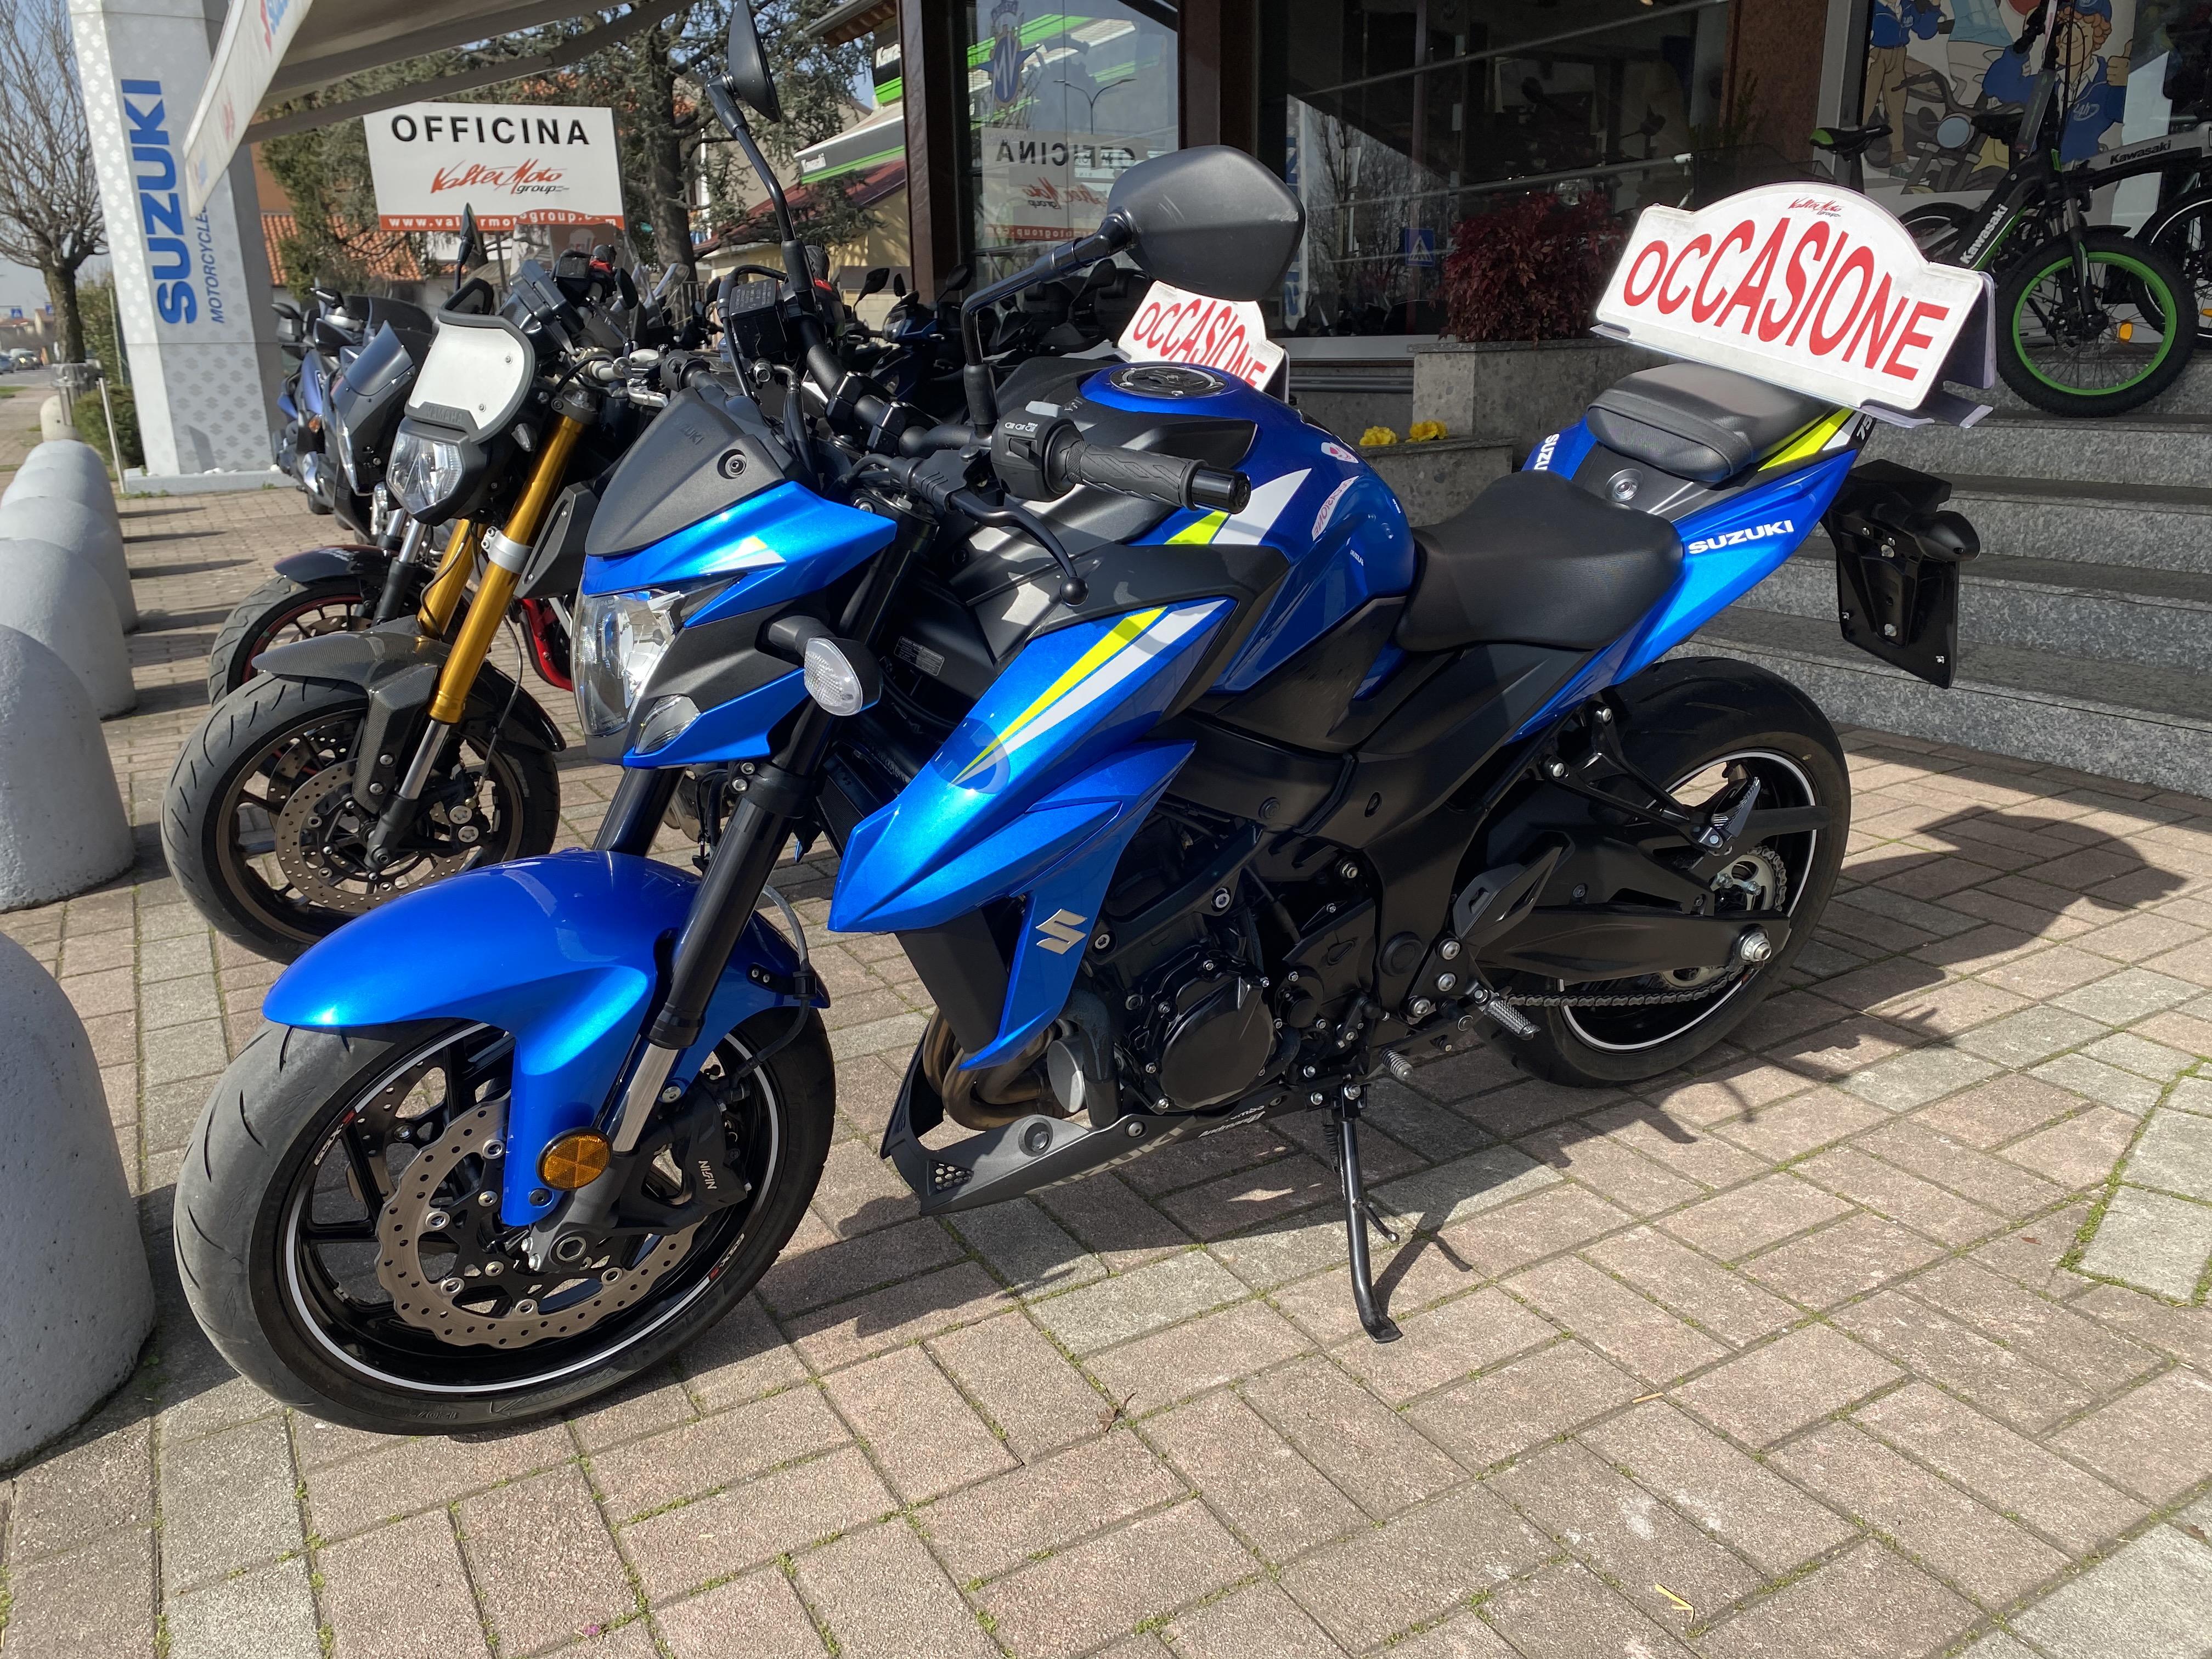 SUZUKI GSX-S 750 ABS Image